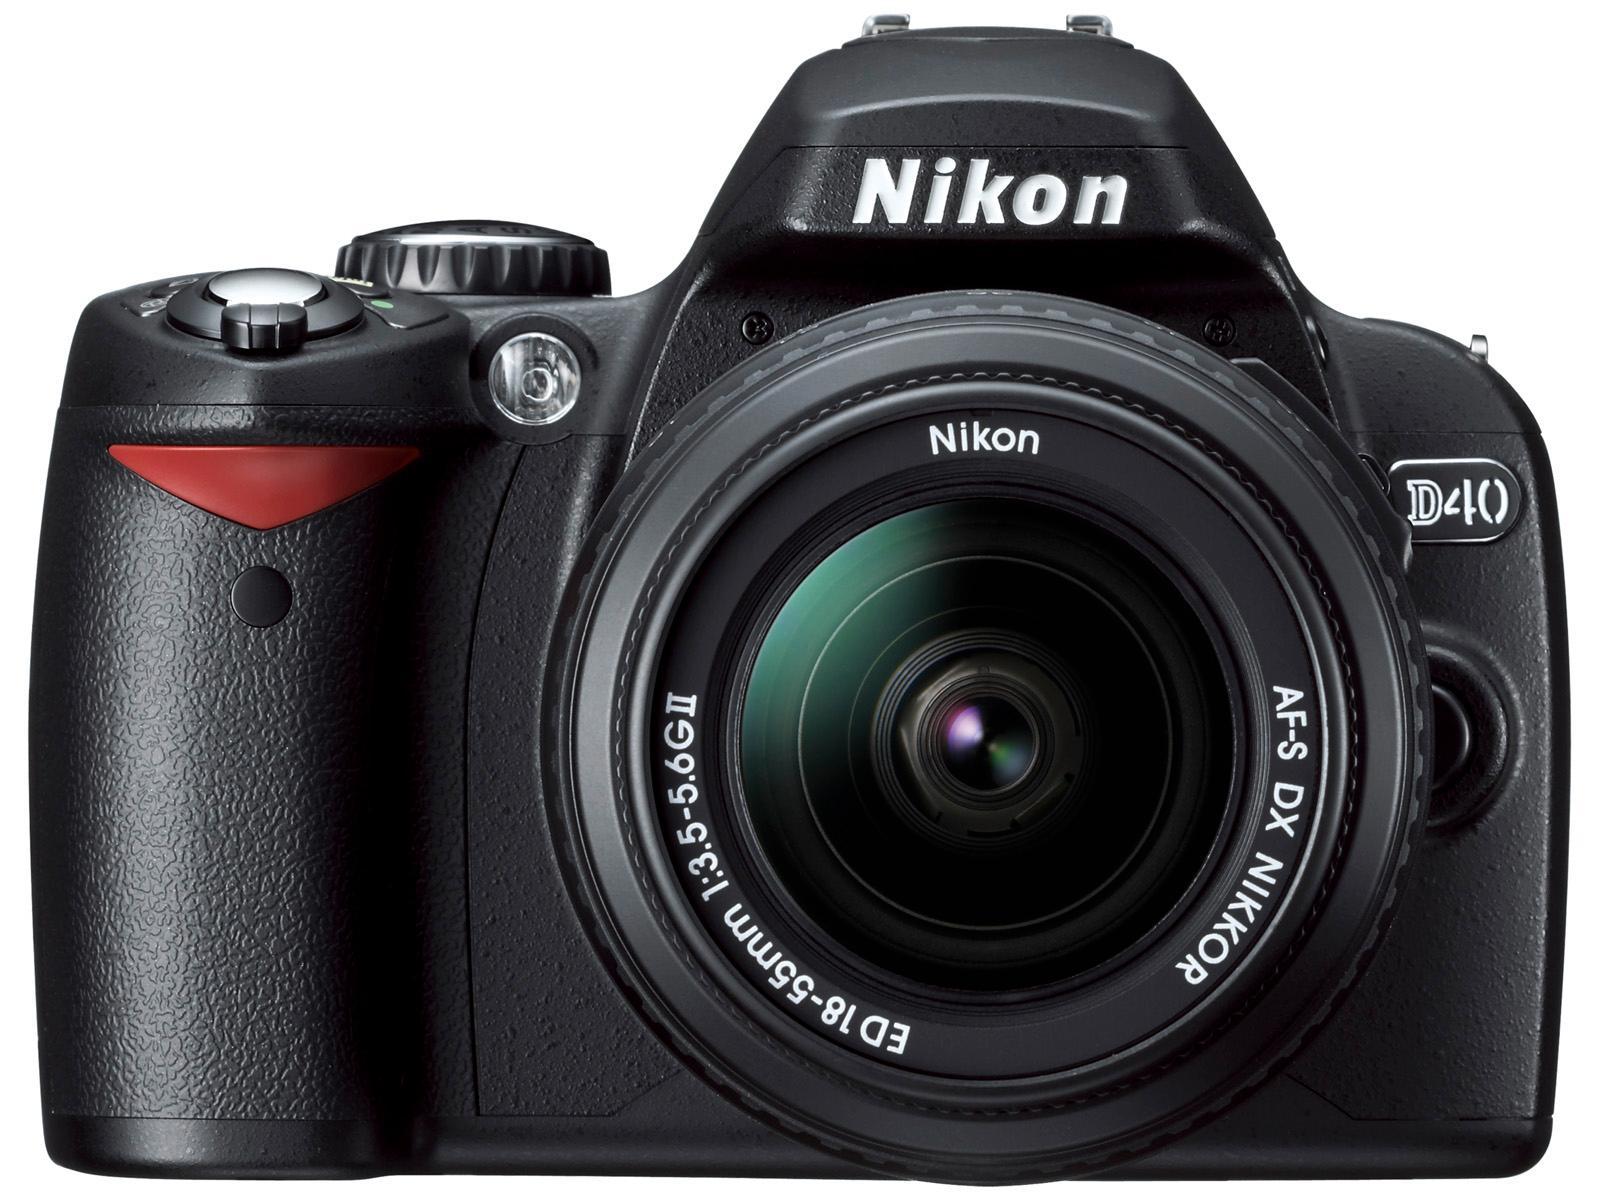 Nikon D40, markedets billigste speilreflekskamera